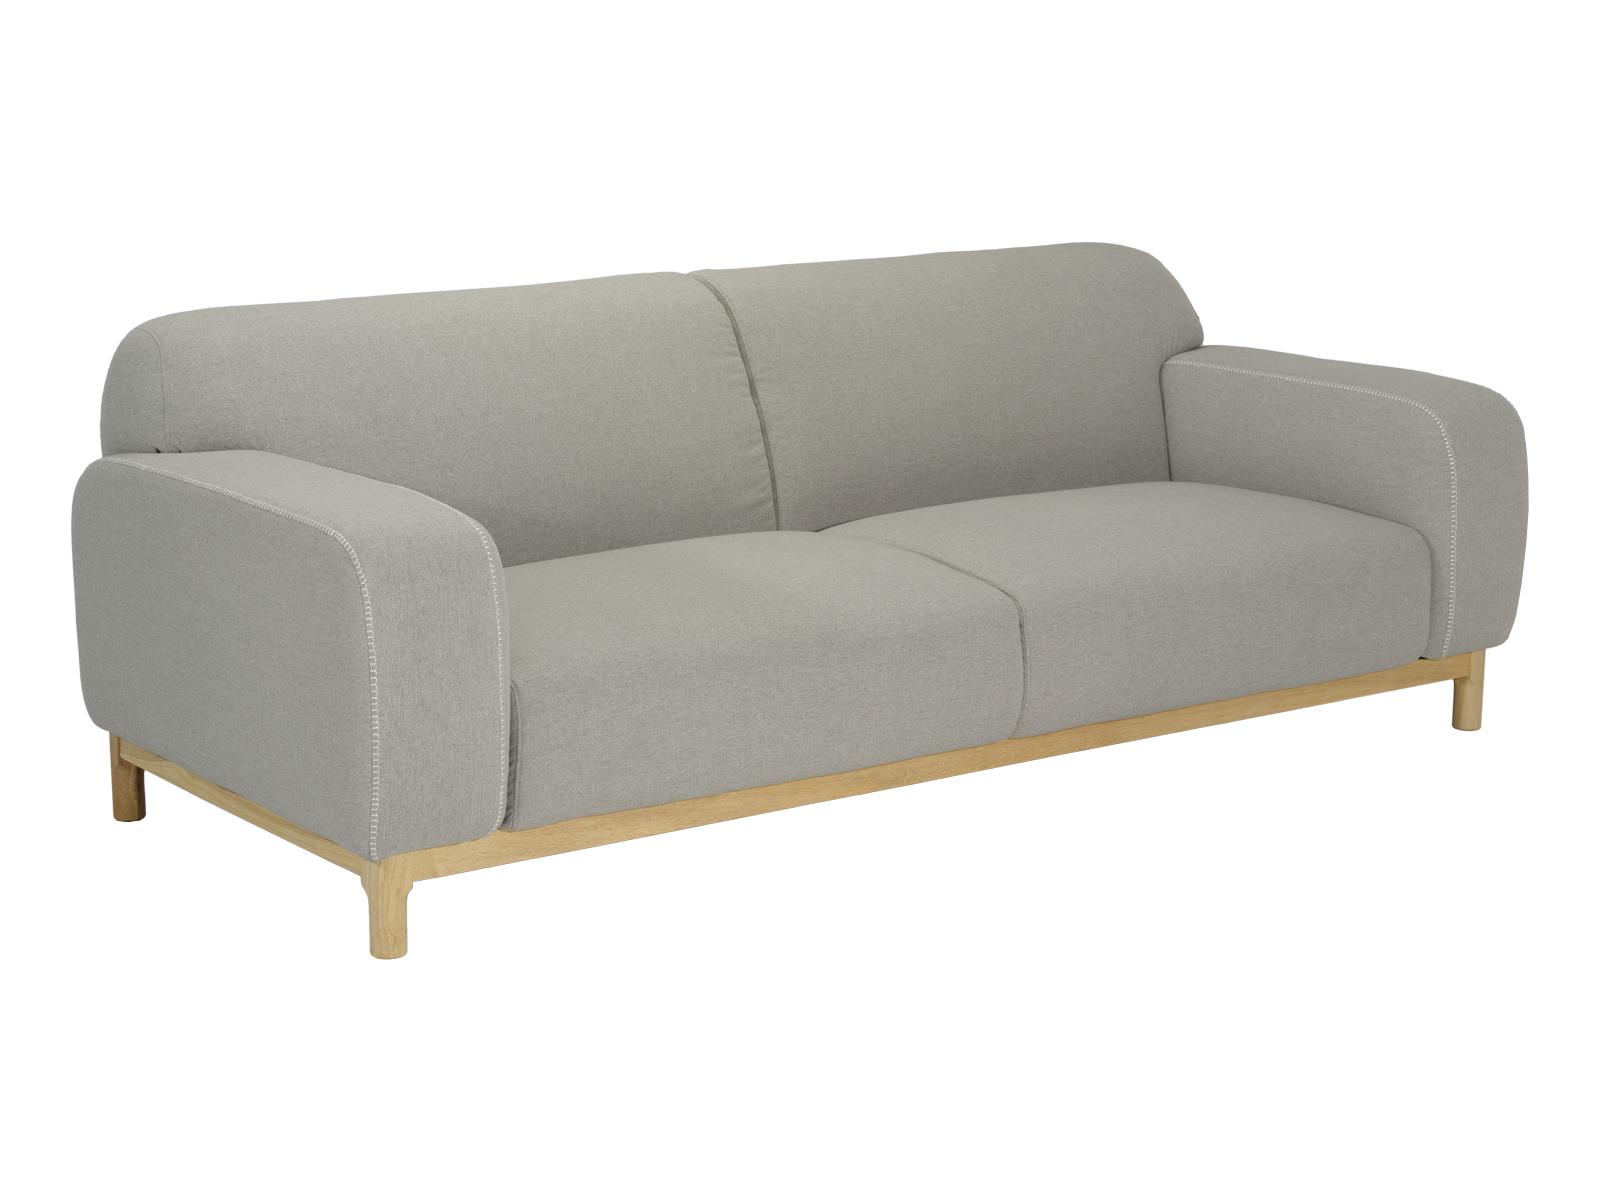 Canapea fixa tapitata cu stofa Break Grey